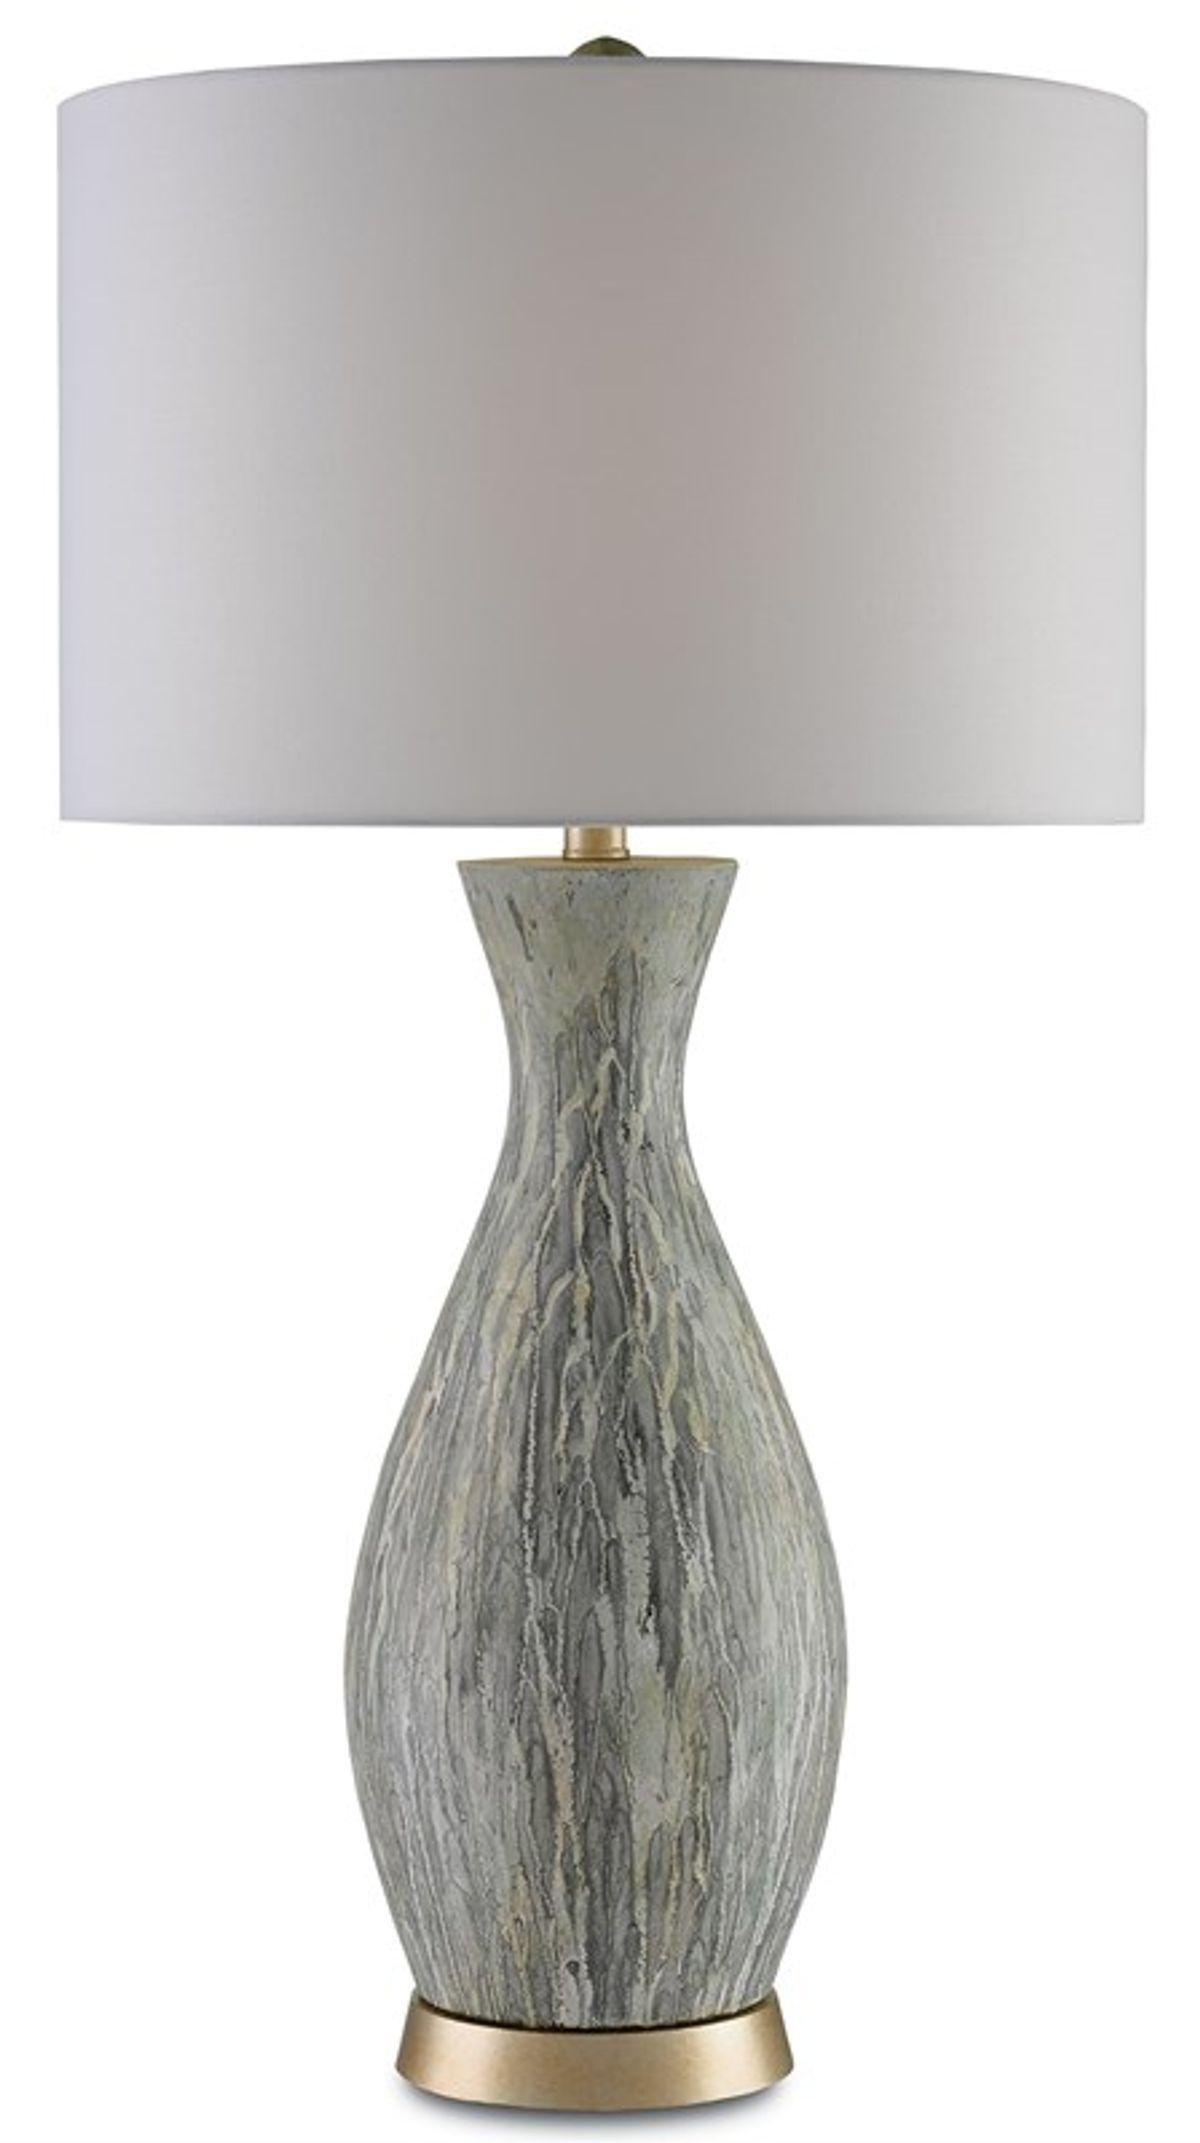 Rana Table Lamp